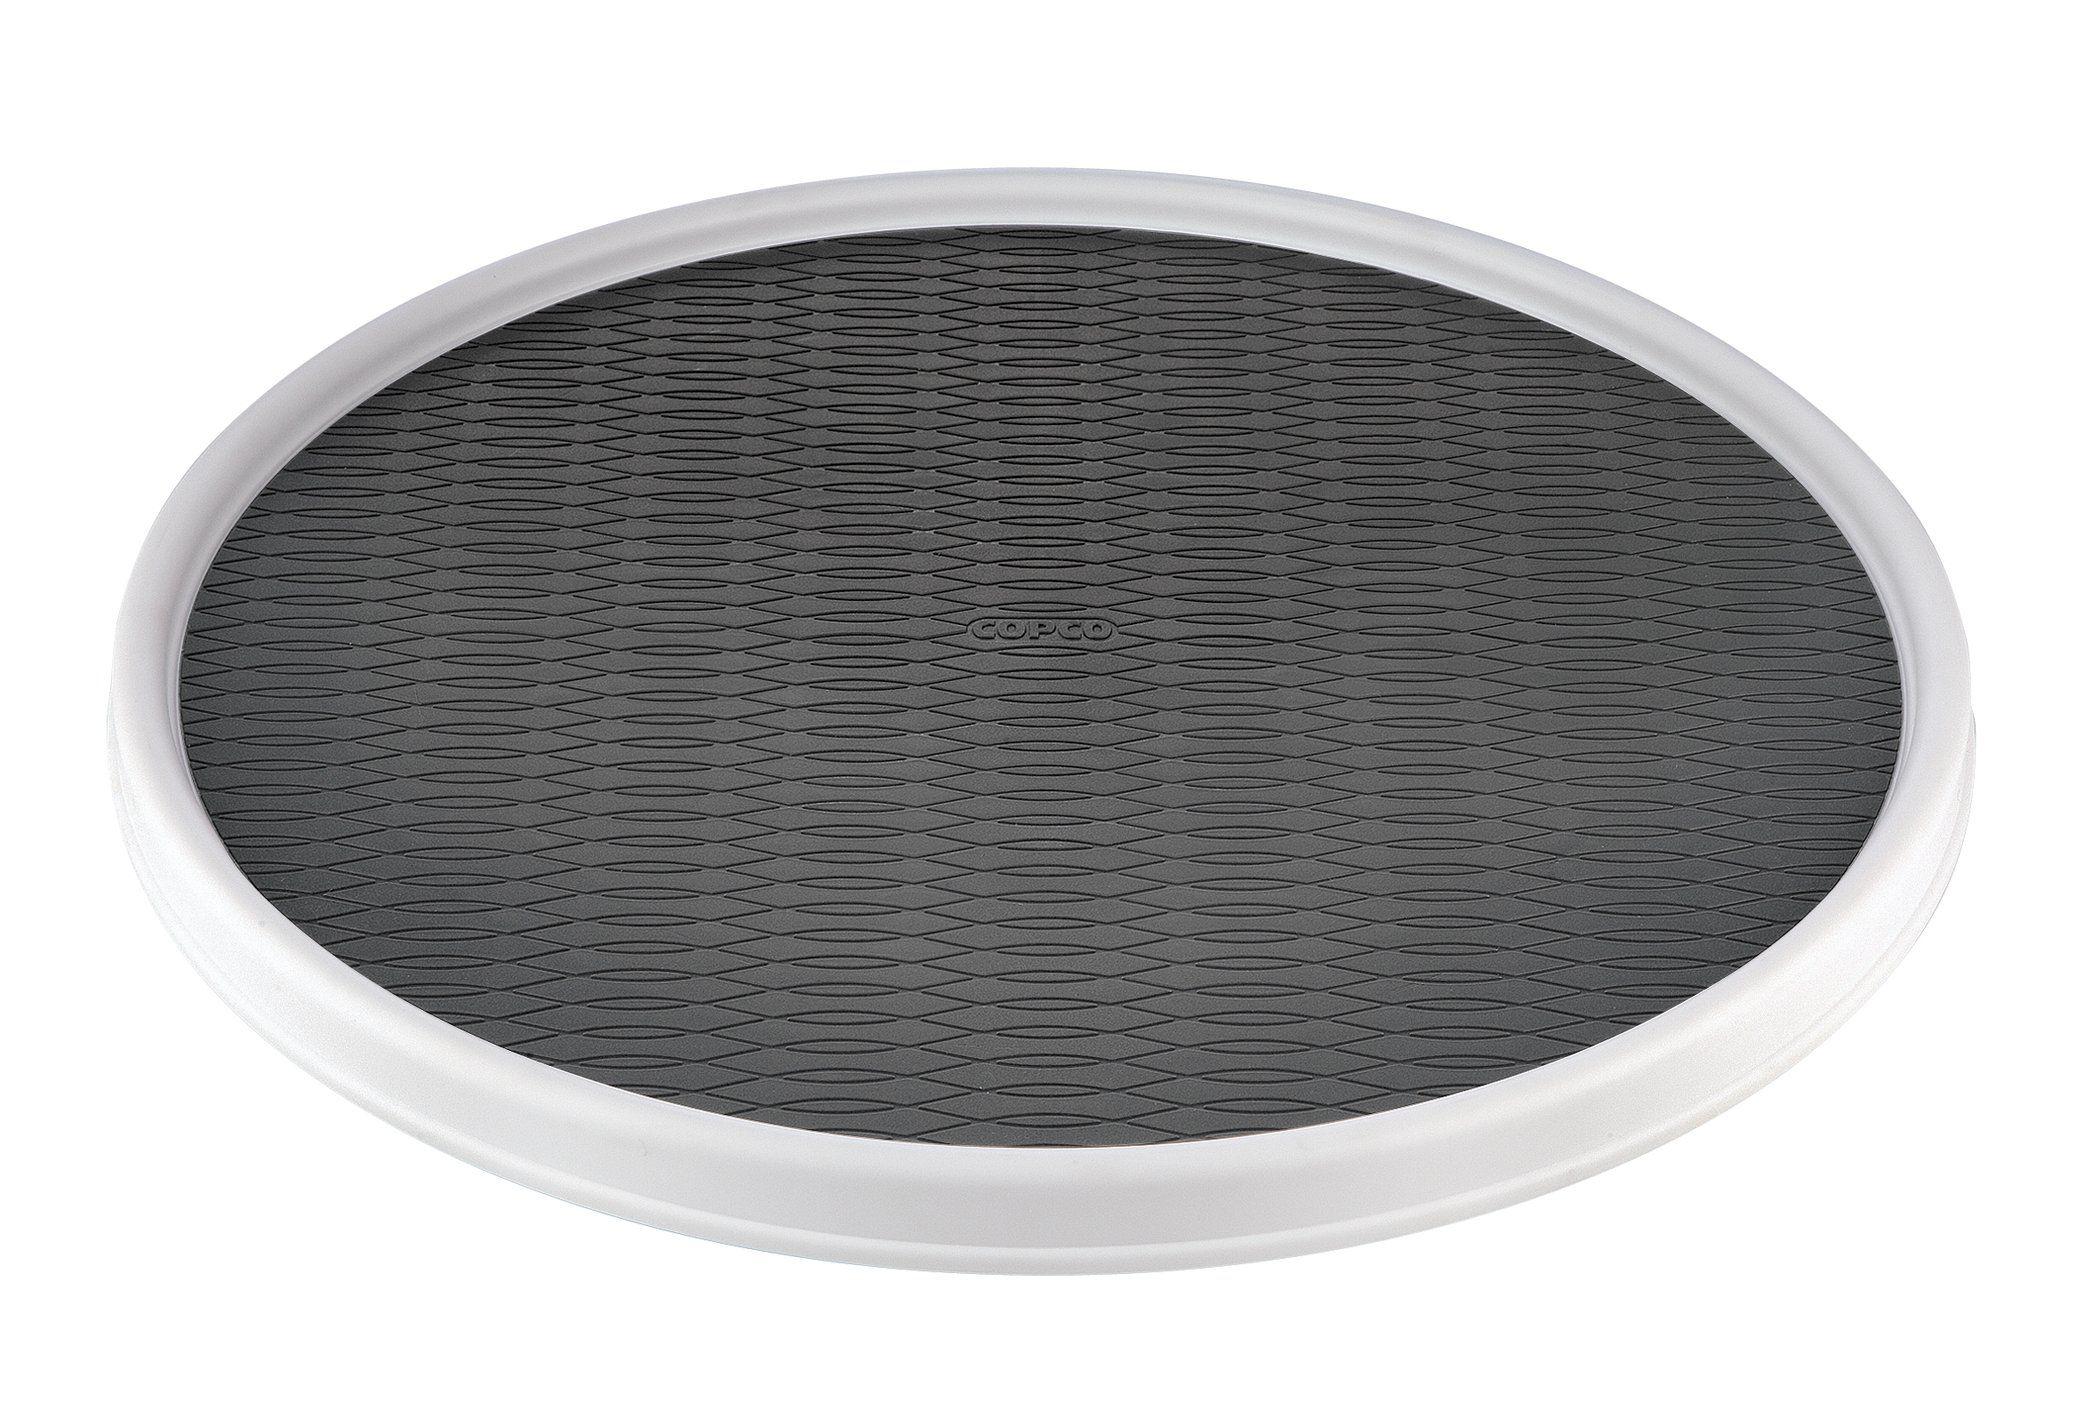 Amazon.com - Copco 2555-0186 Non-Skid Cabinet Turntable, 18-Inch ...